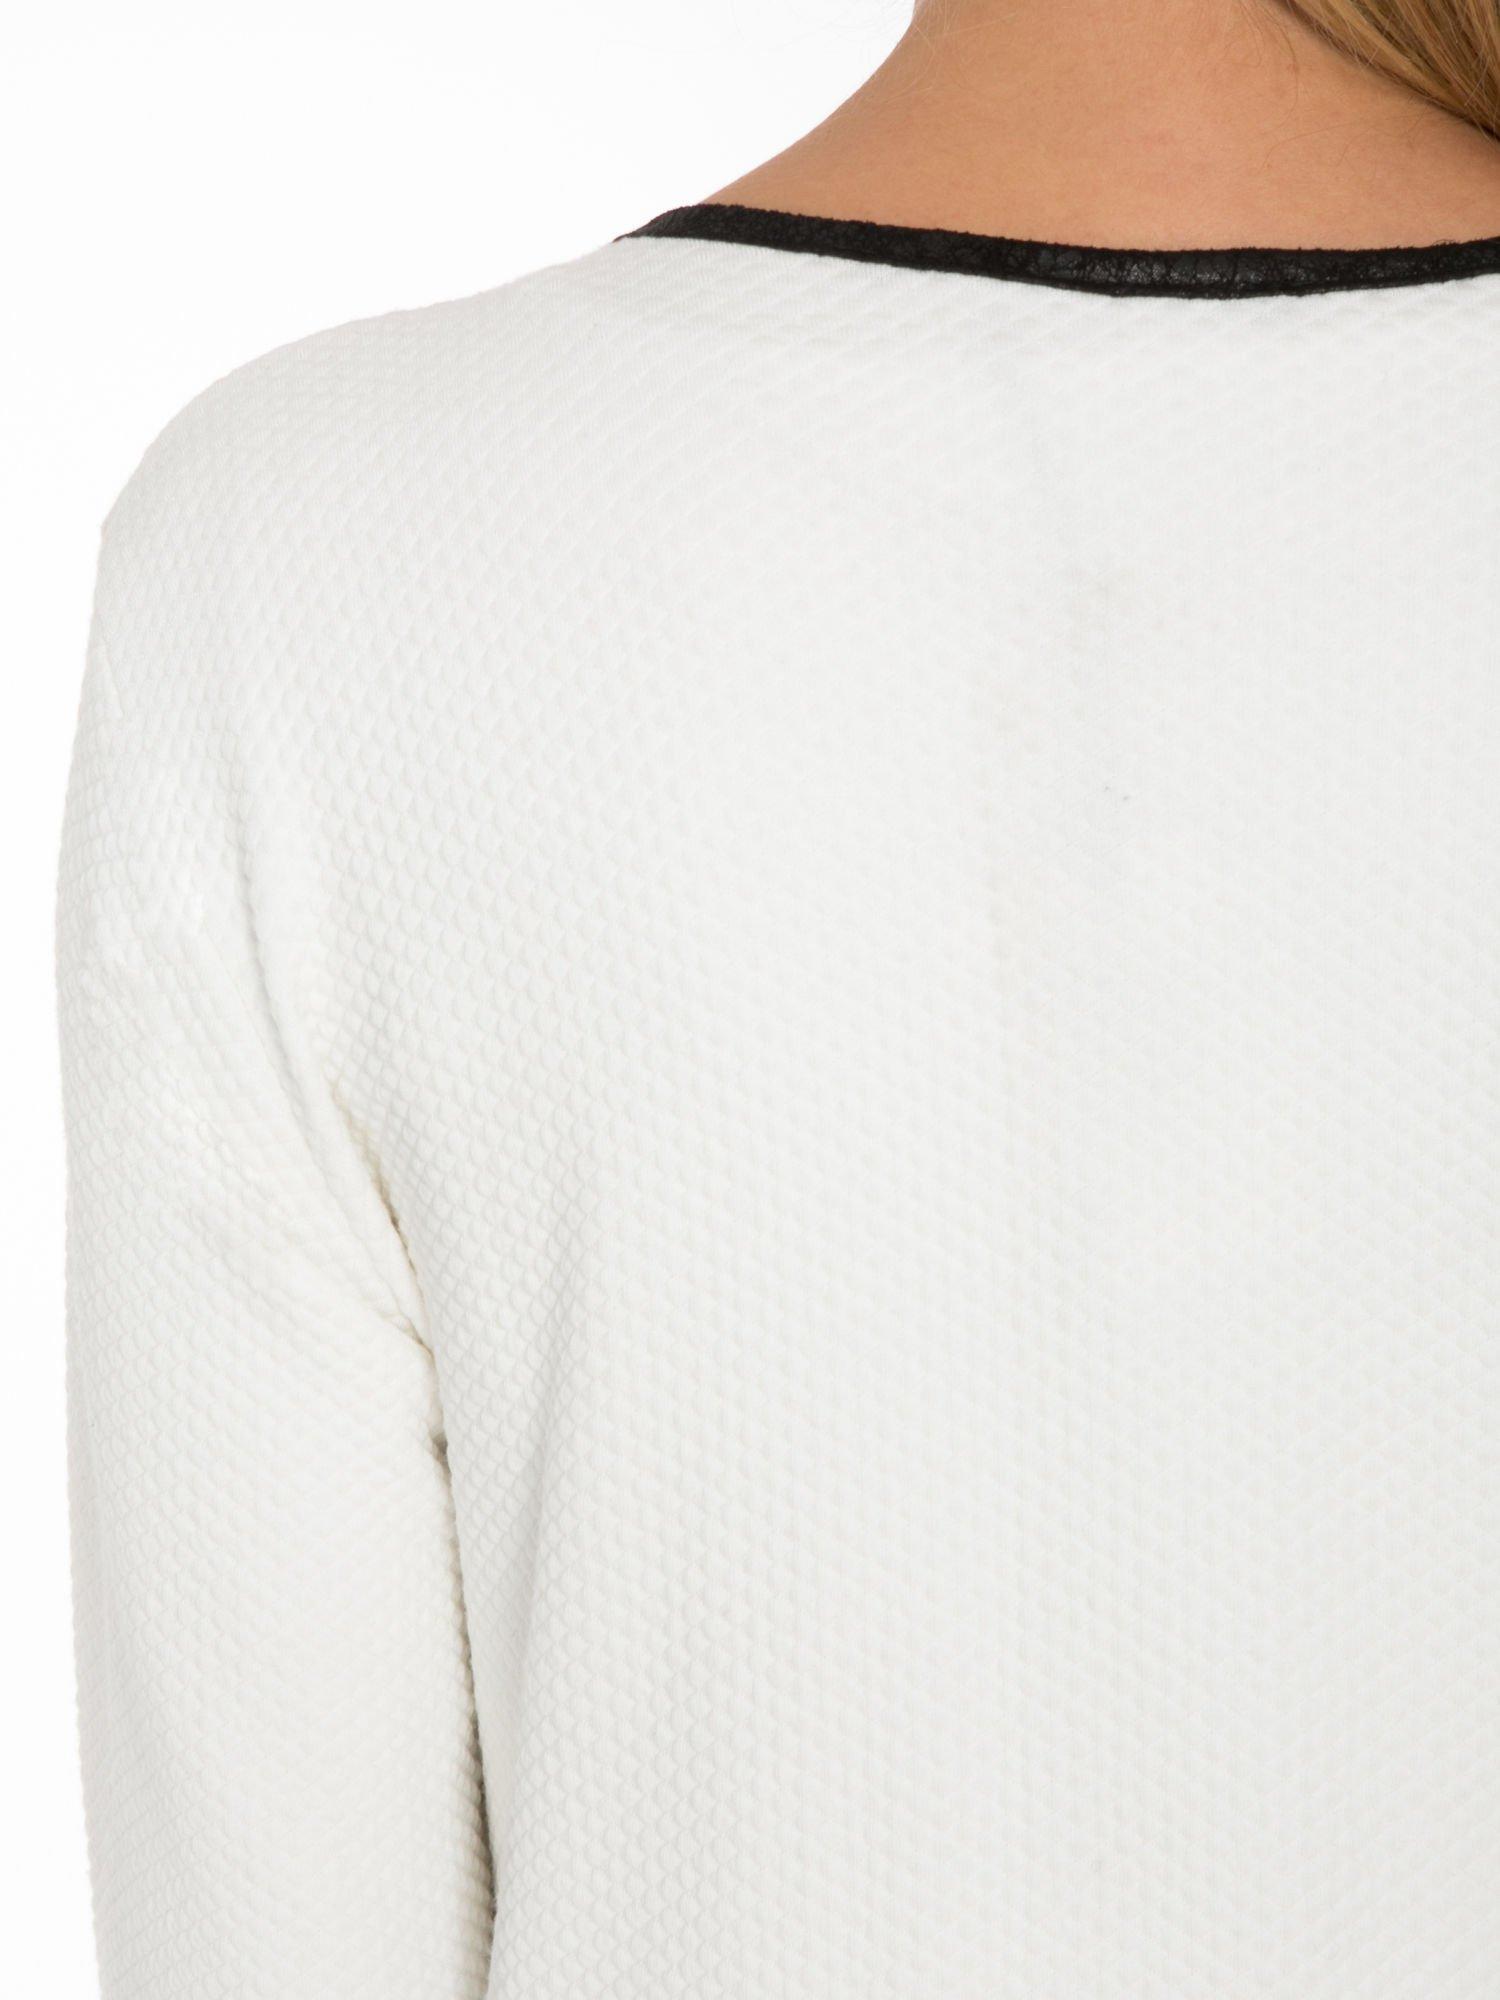 Biały wełniany długi żakiet o pudełkowym kroju ze skórzaną lamówką                                  zdj.                                  7